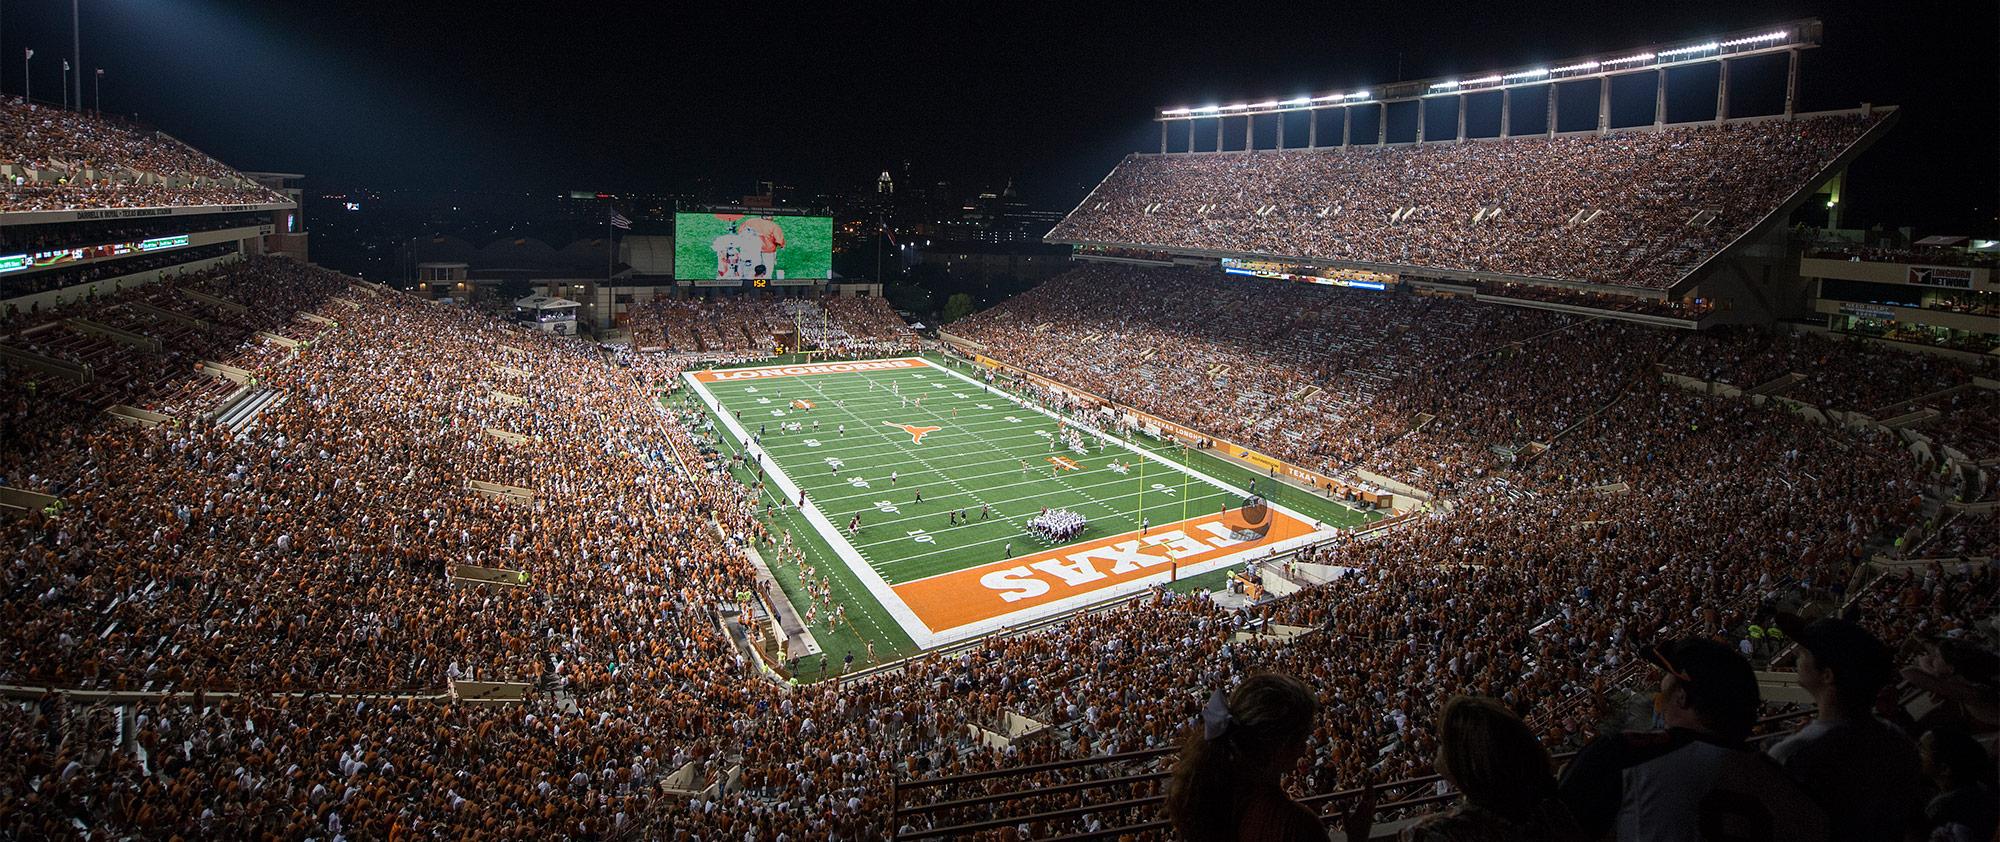 Darrell K Royal-Texas Memorial Stadium At Joe Jamail Field - Dkr Texas Memorial Stadium Map